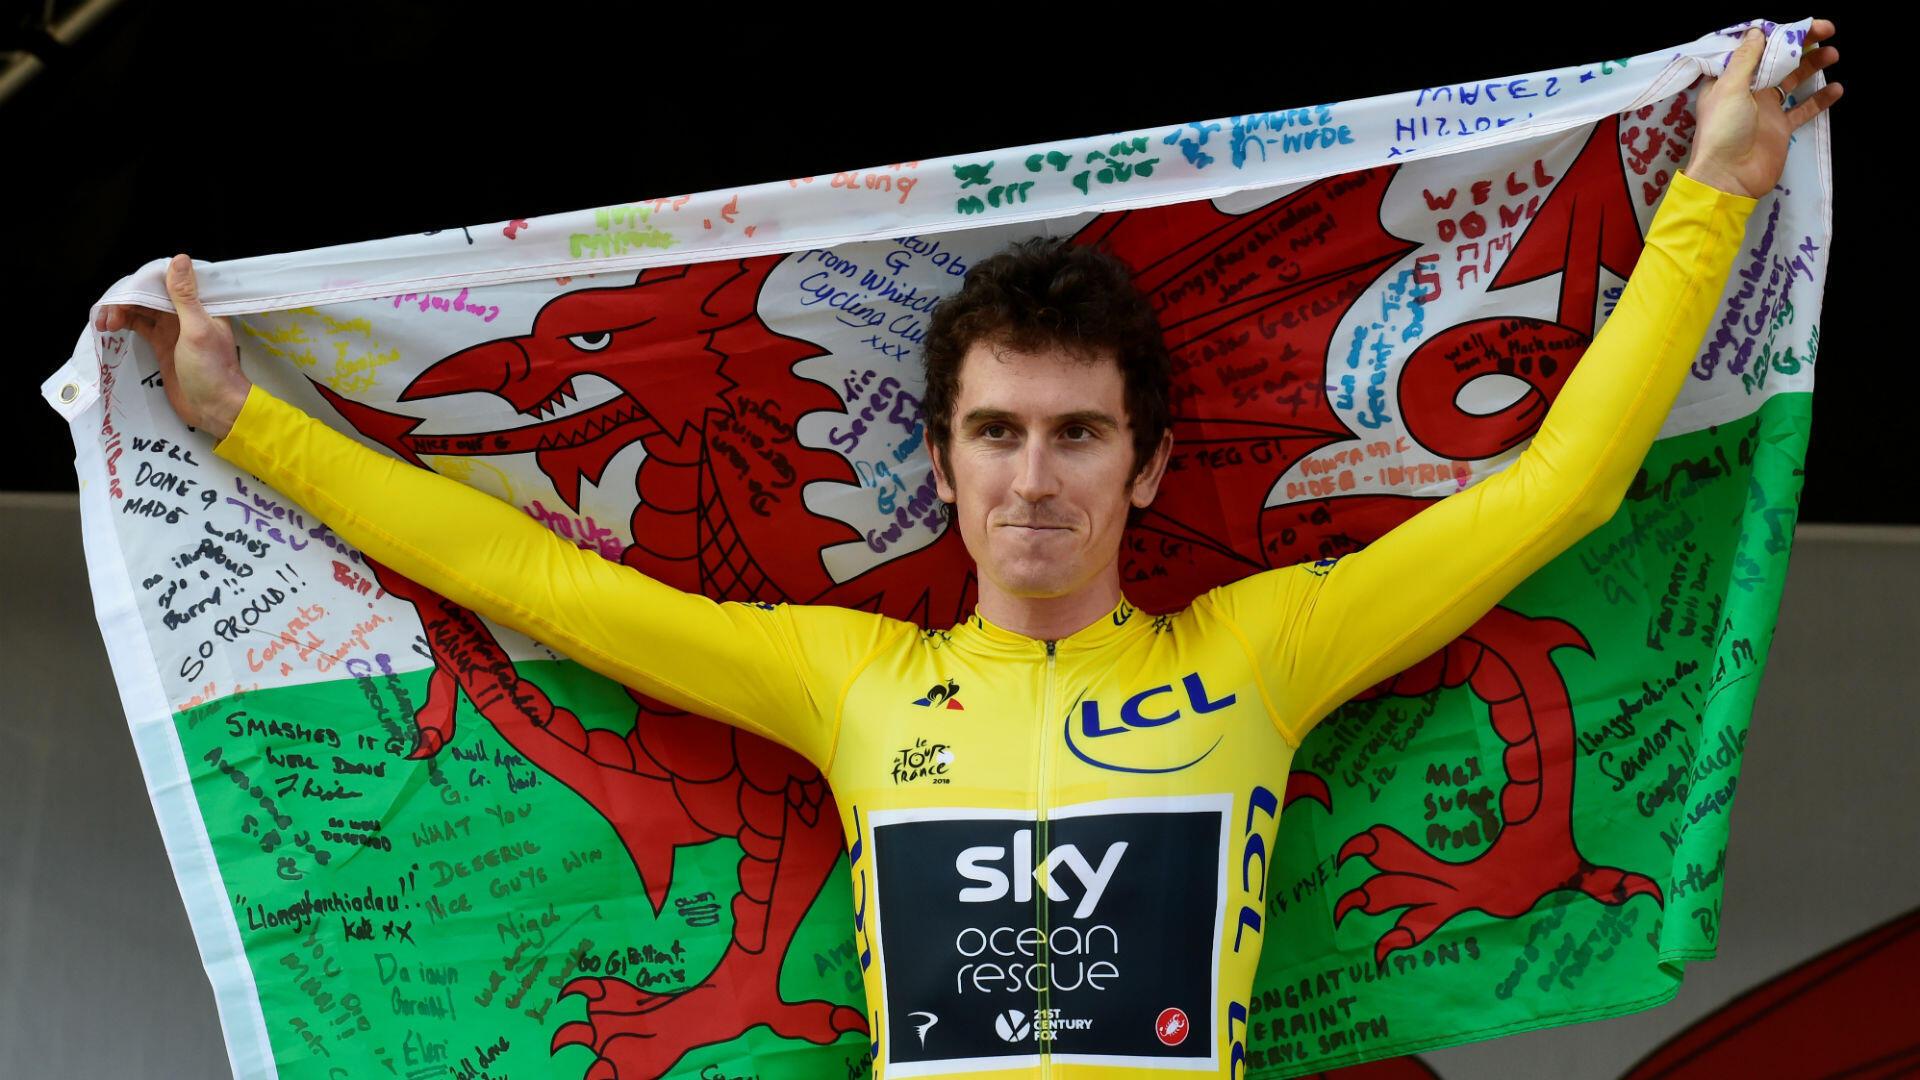 Triple vainqueur du Tour de France et favori à sa propre succession, Christopher Froome passe le flambeau à un autre Britannique. Son coéquipier de la Sky, le Gallois Geraint Thomas est étincelant sur les routes de France, et remporte logiquement sa toute première Grande Boucle.